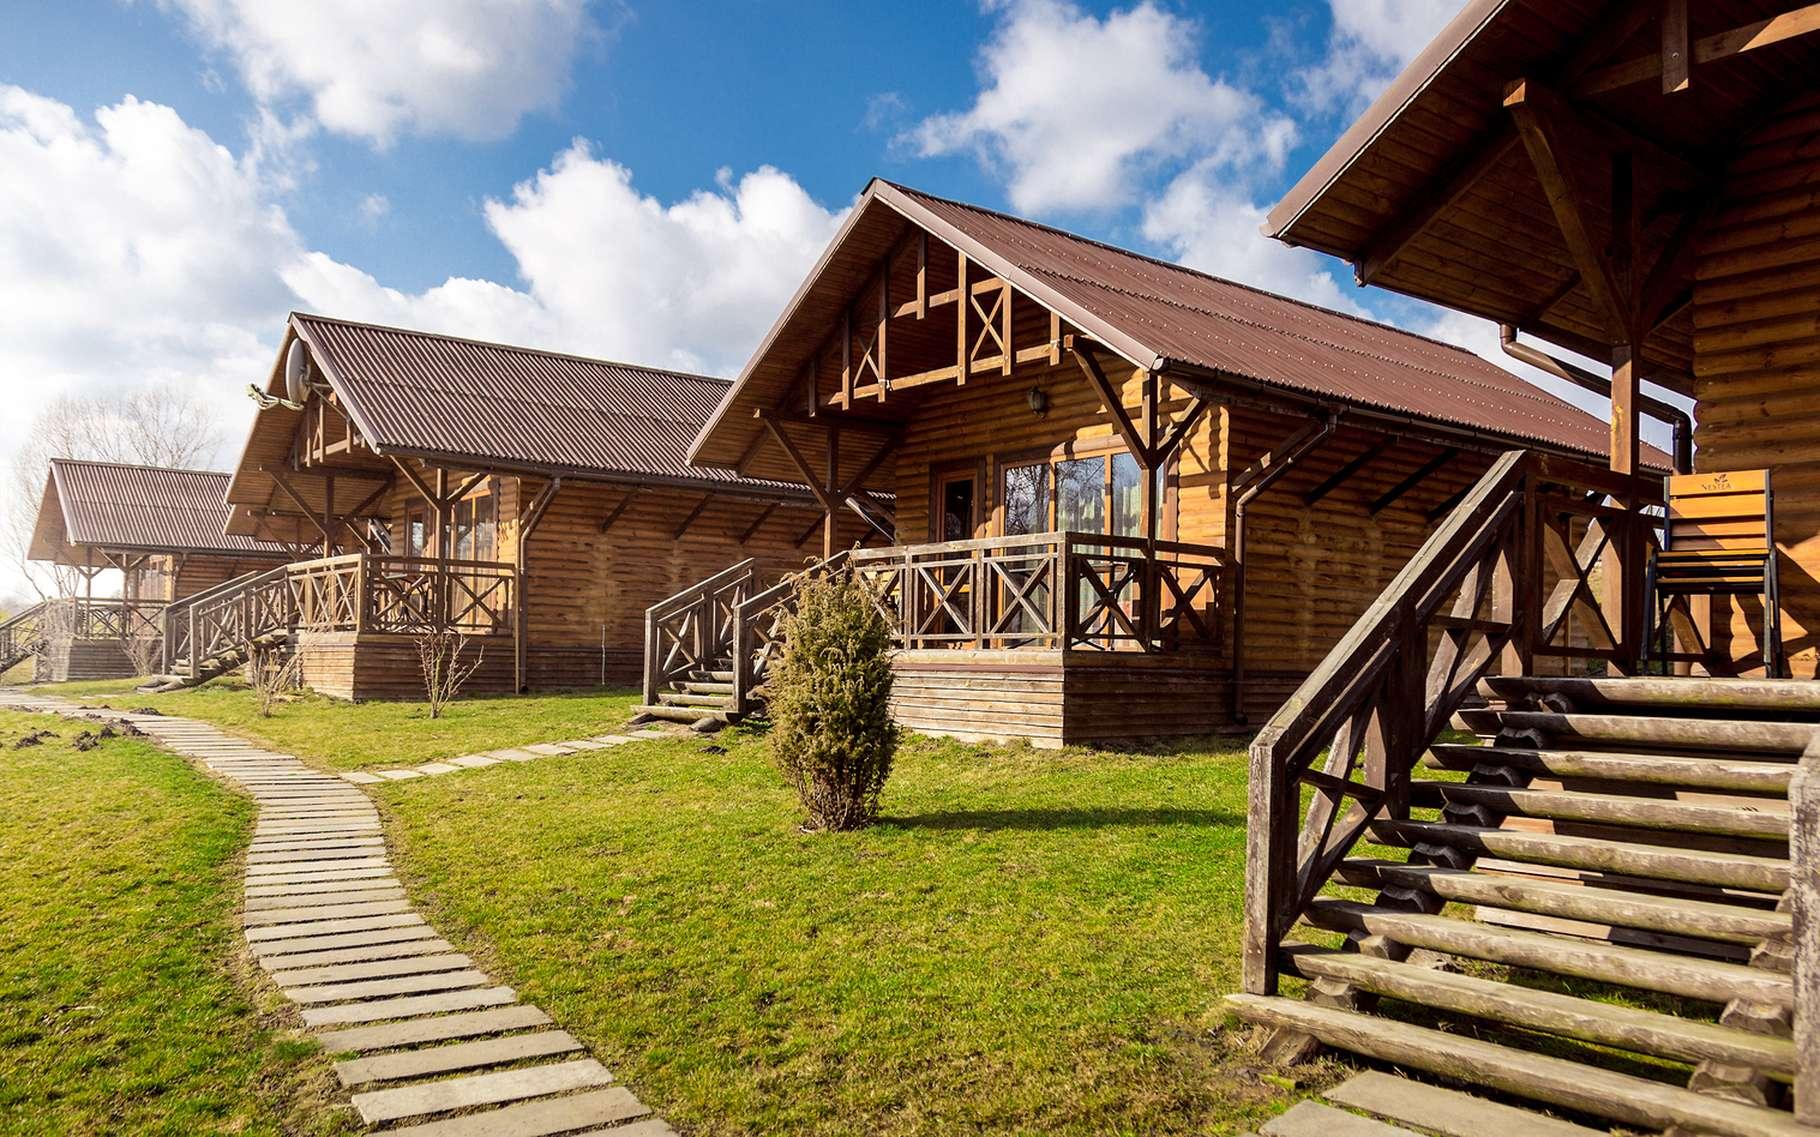 Le succès des maisons en bois est en hausse. © kryzhov, Shutterstock